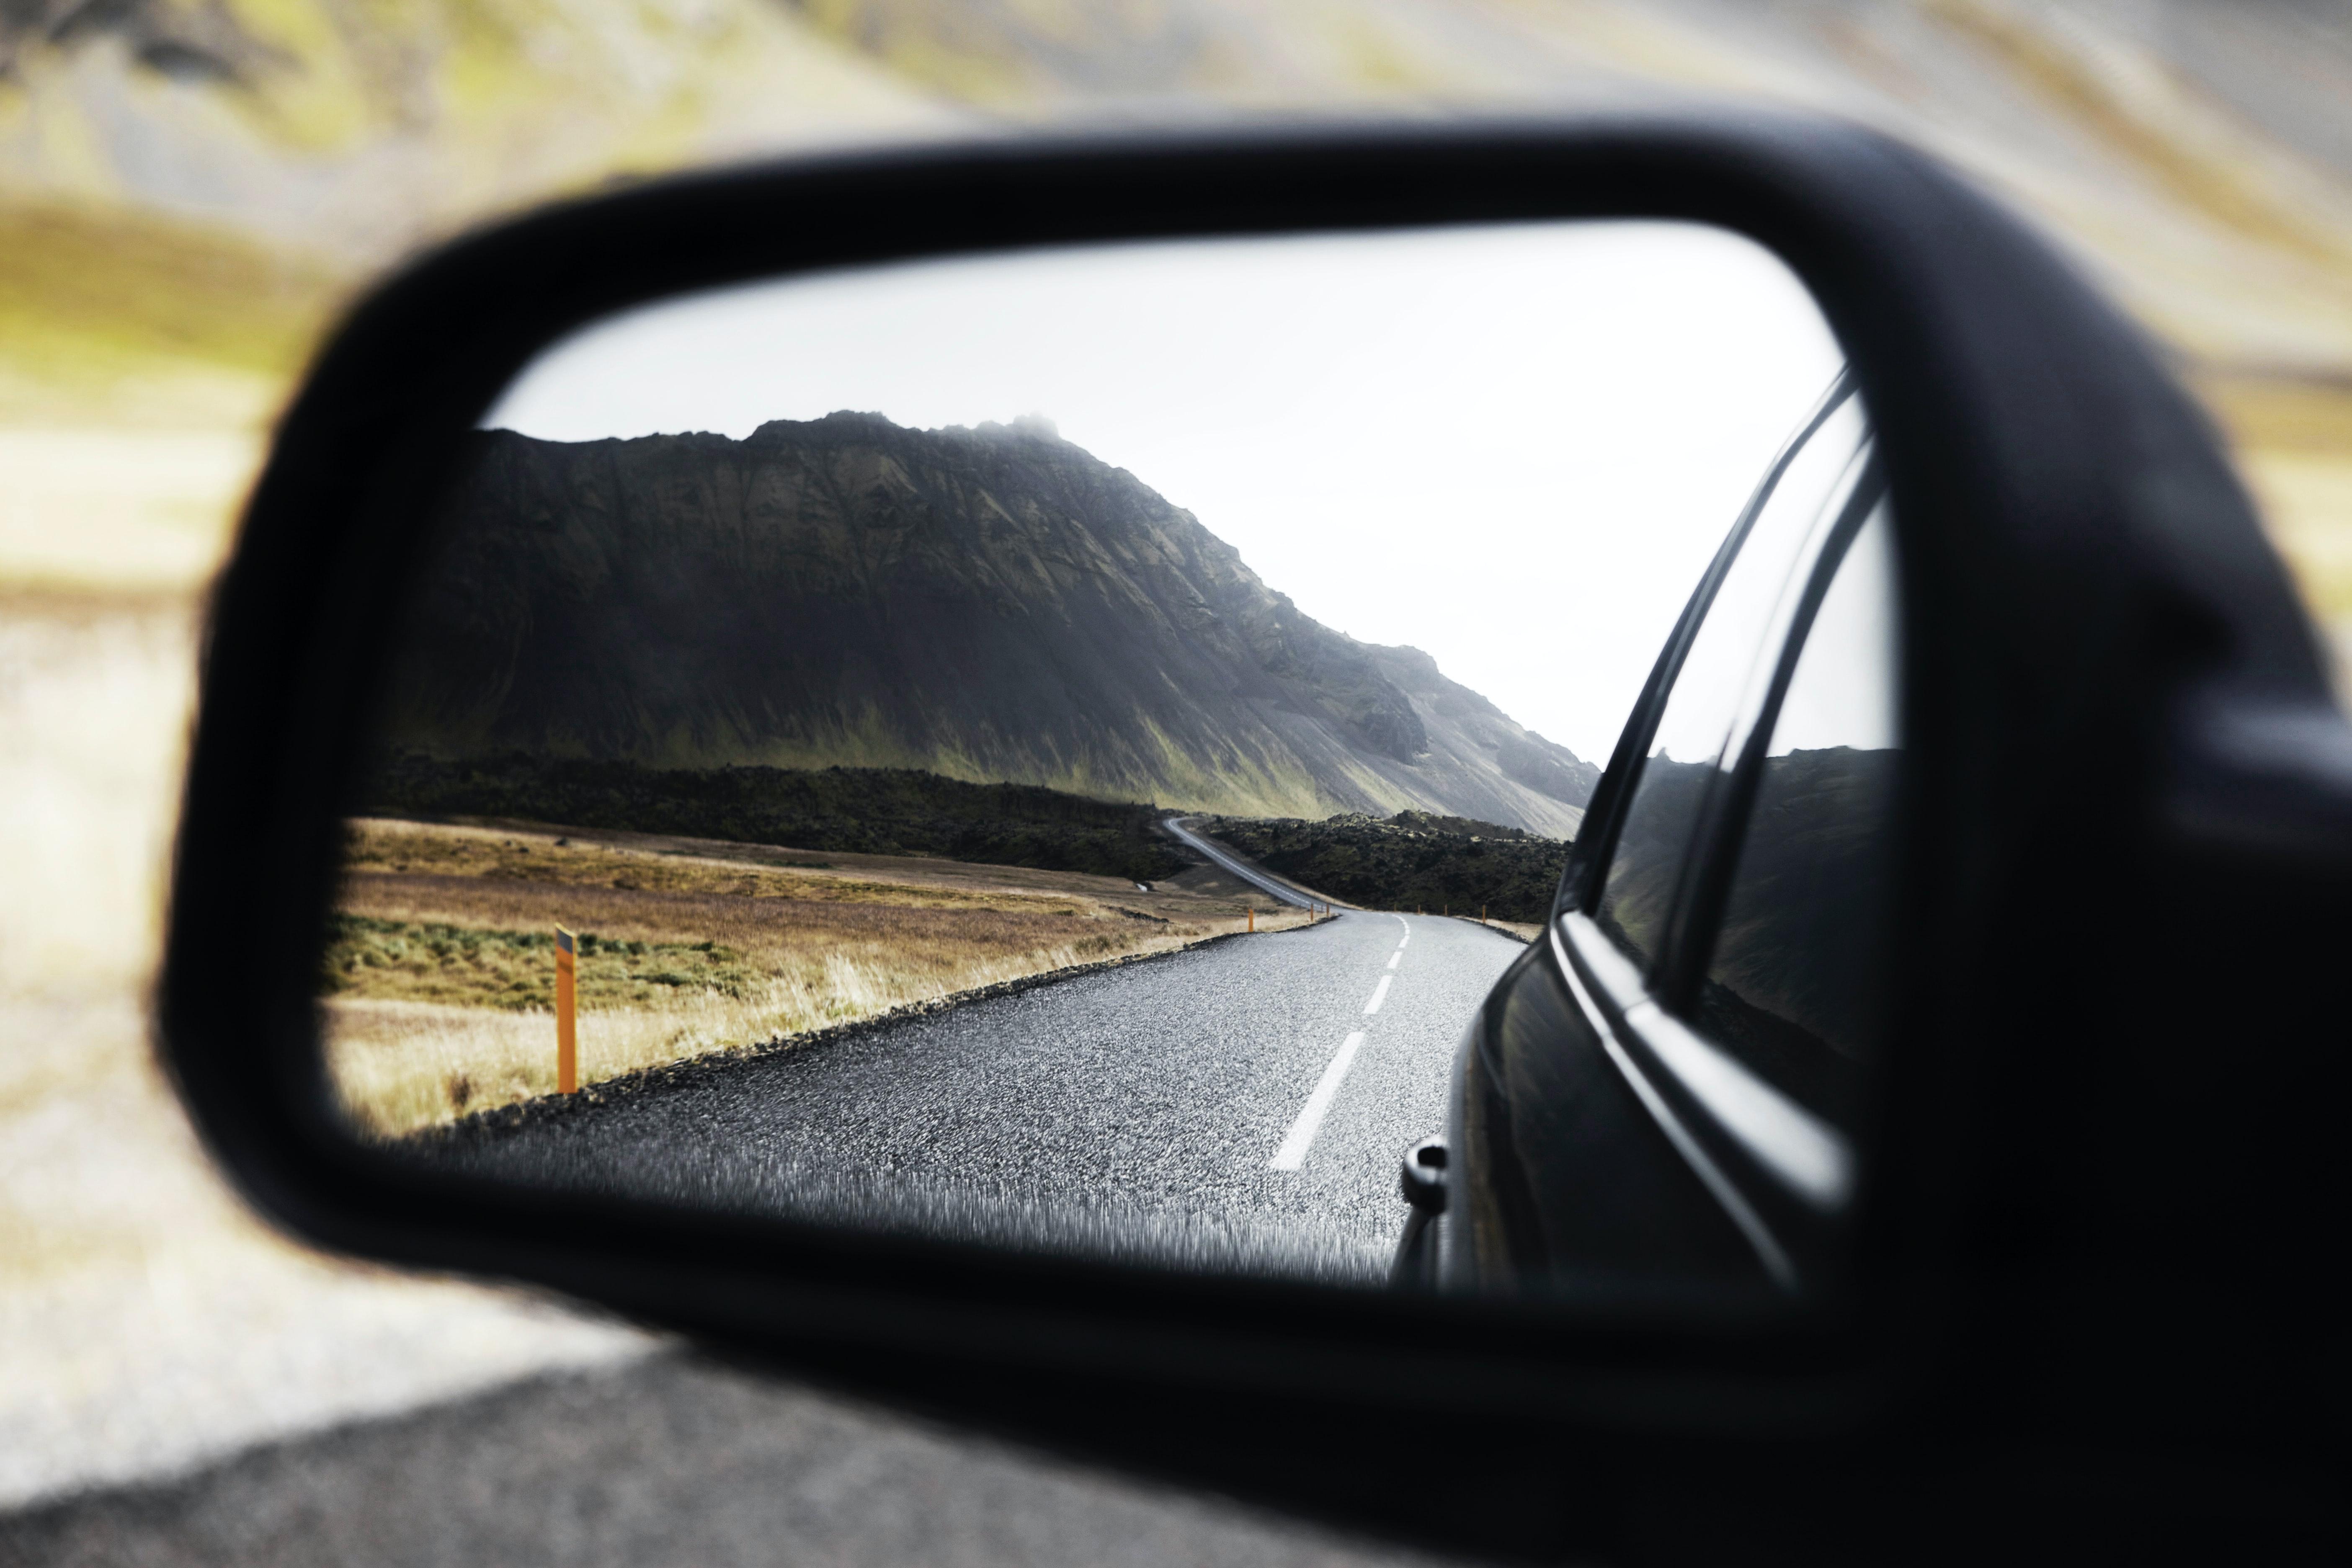 Opravy auta svépomocí: Jak přilepit vnější a vnitřní zpětné zrcátko?